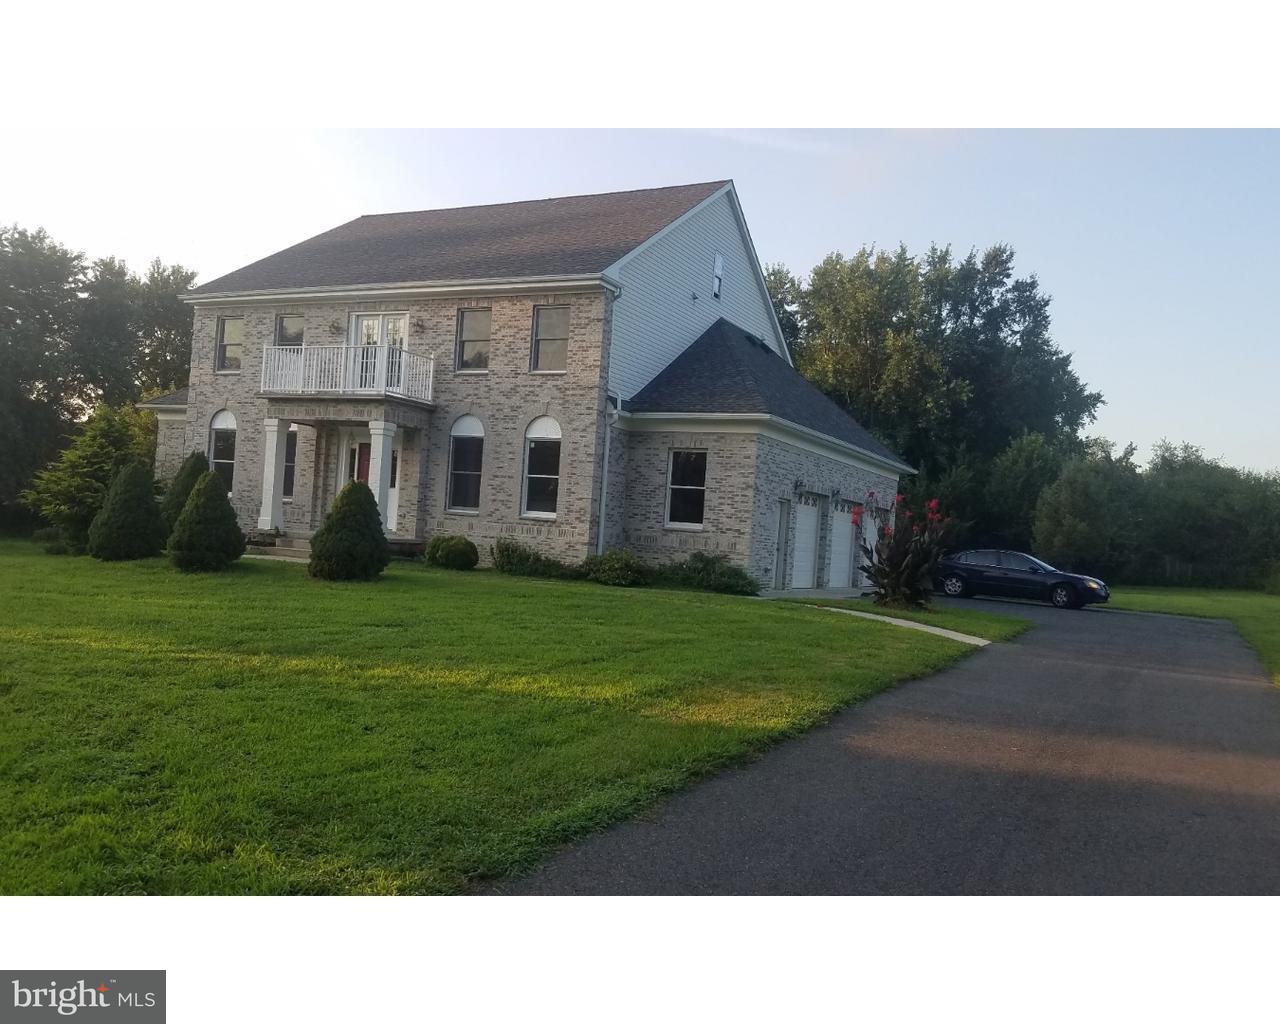 Частный односемейный дом для того Продажа на 160 BUCKNELL Avenue Hamilton, Нью-Джерси 08619 Соединенные ШтатыВ/Около: Hamilton Township